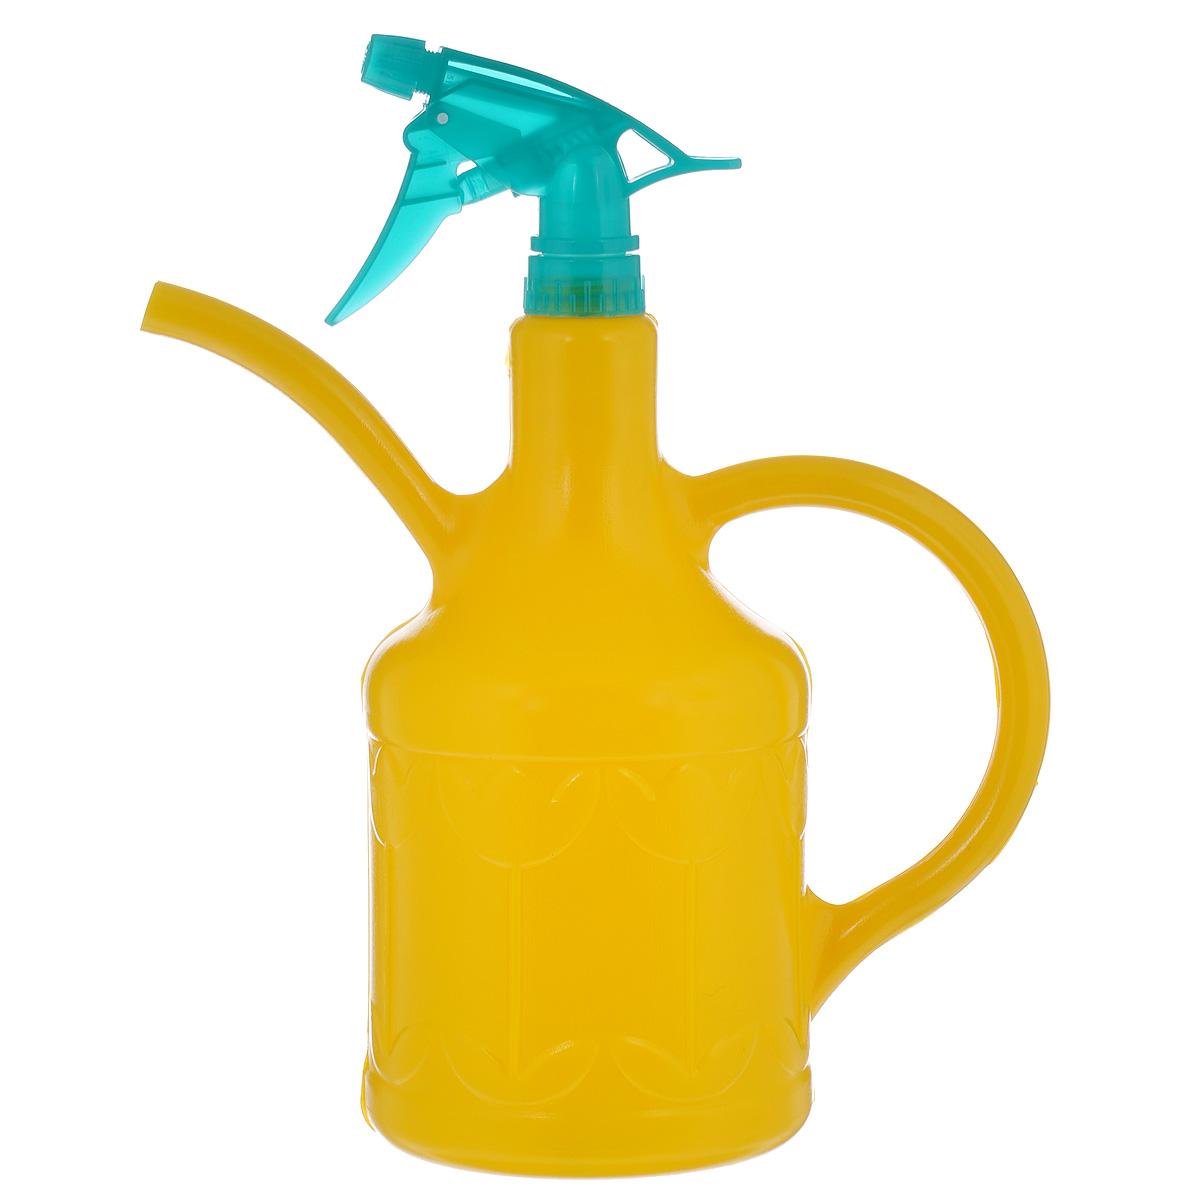 Лейка-опрыскиватель Кострома пластик Тюльпан, цвет: желтый, 1,8 л4607016671093 желтыйЛейка-опрыскиватель Тюльпан выполнена из высококачественного пластика и оформлена рельефным цветочным рисунком. Ее можно использовать для полива, так как она оснащена носиком и удобной ручкой. Также изделие снабжено распылителем для опрыскивания растений.